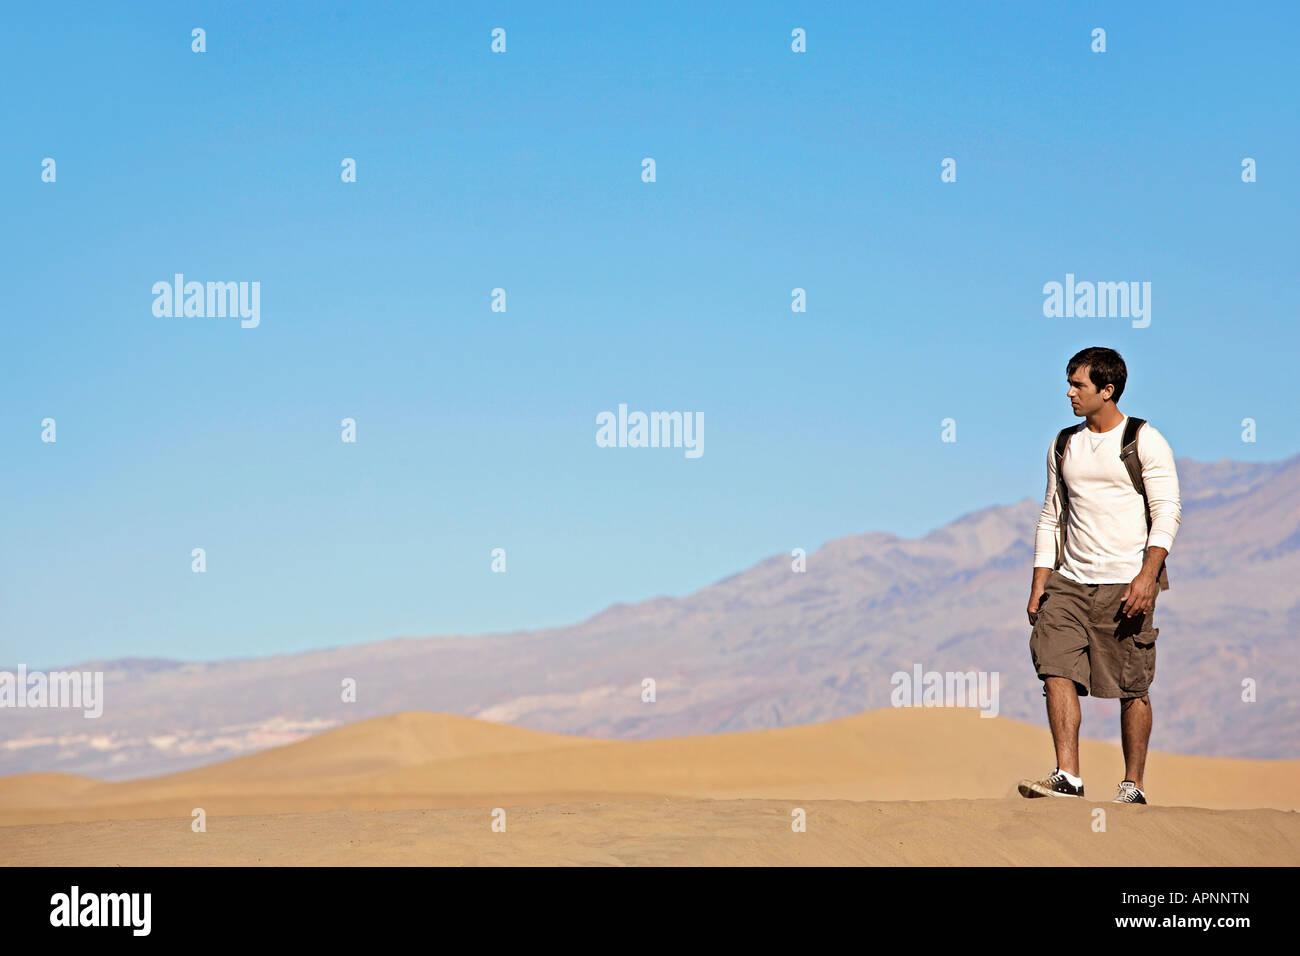 Joven Senderismo en el desierto Foto de stock